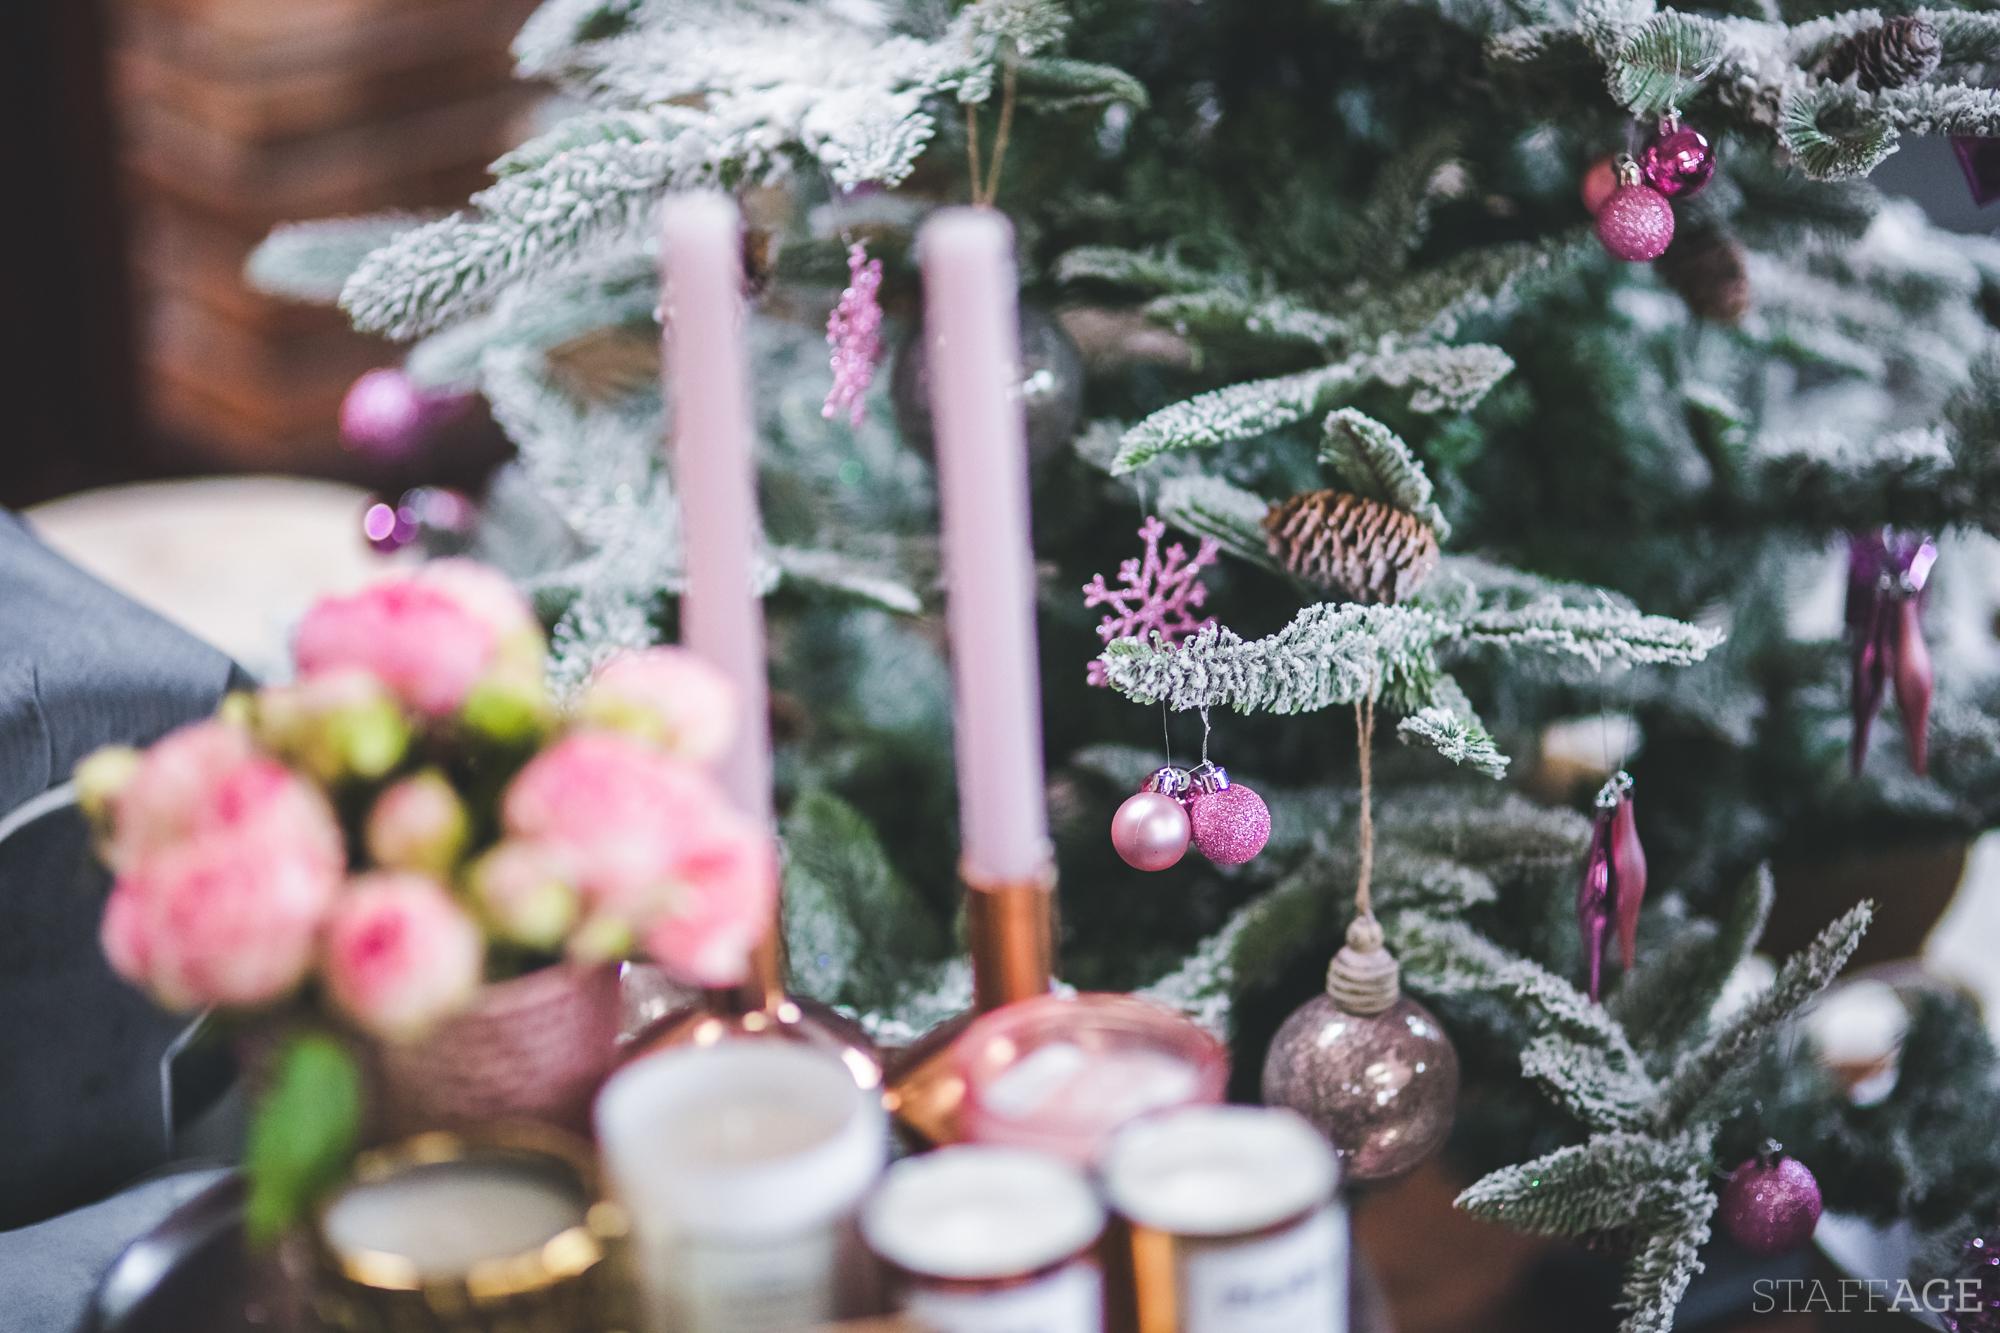 5 aniol swiety mikolaj choinka wigilia kartka swiateczna zyczenia na boze narodzenie xmas handmade postcard christmas wishes home decor interior design ozdoby na swieta projektowanie